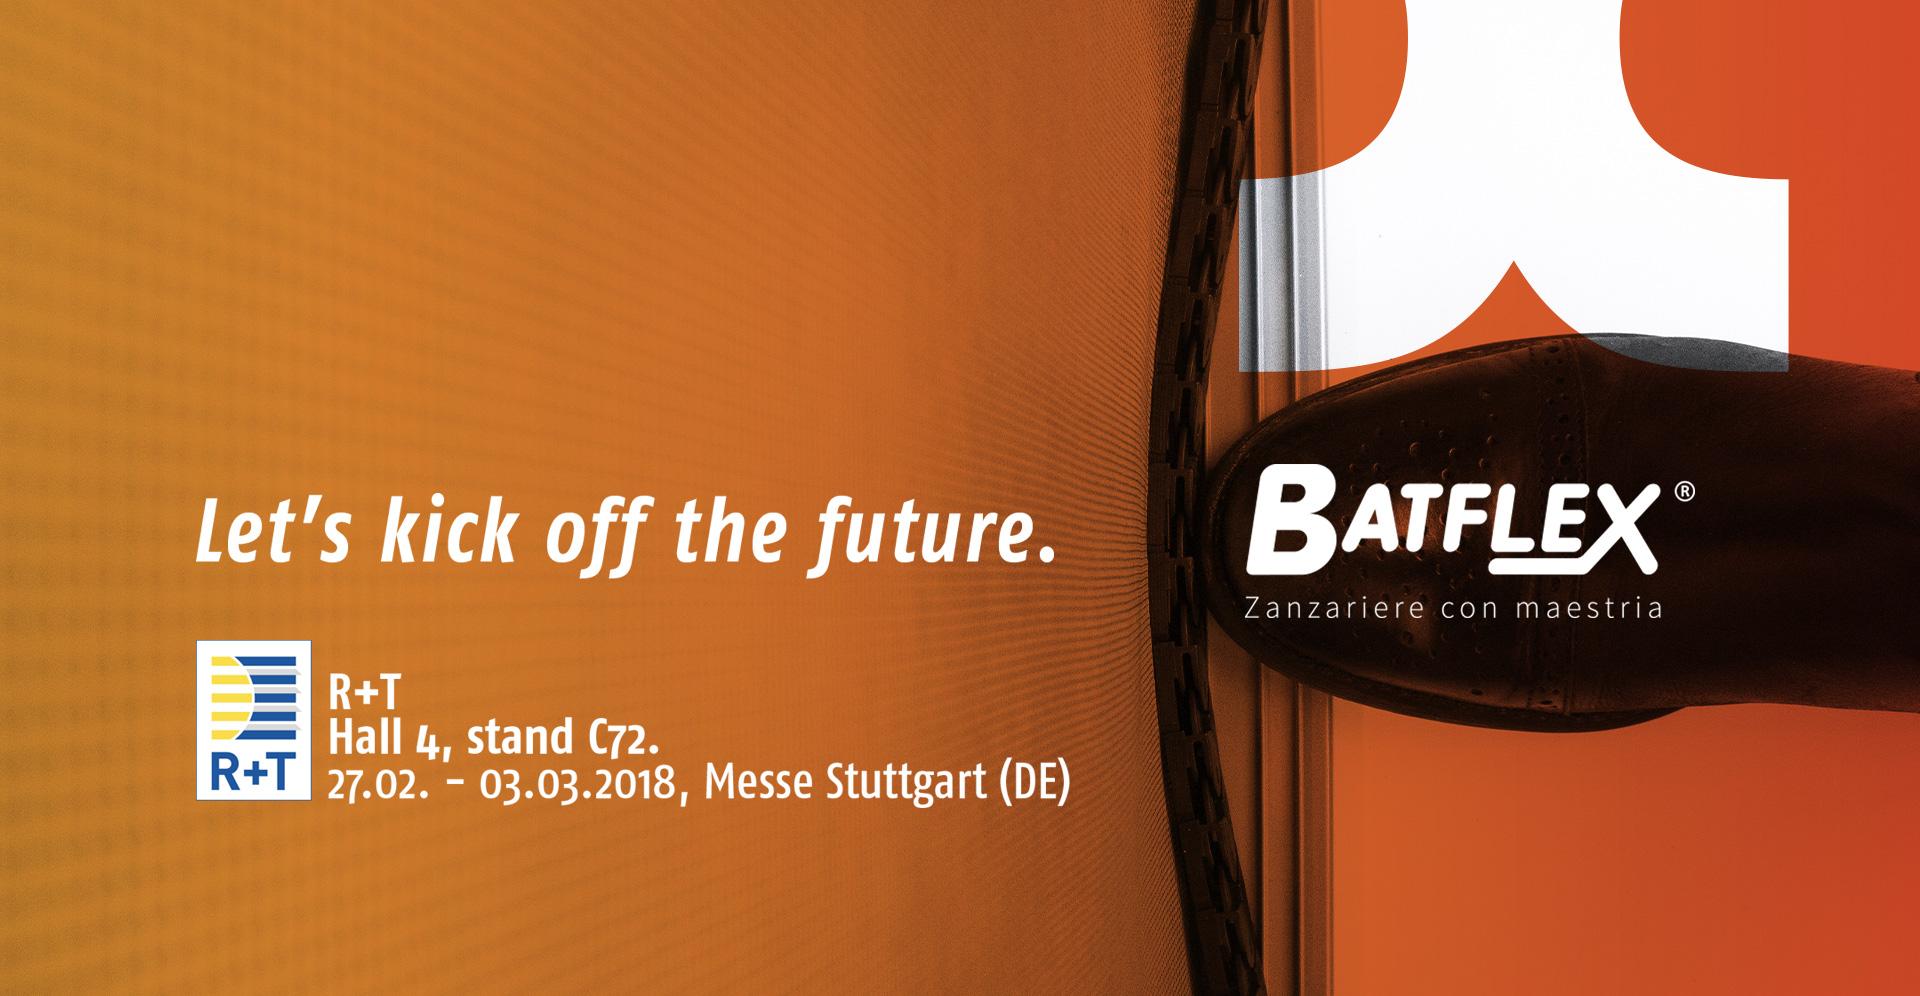 Batflex sarà protagonista della R+T 2018